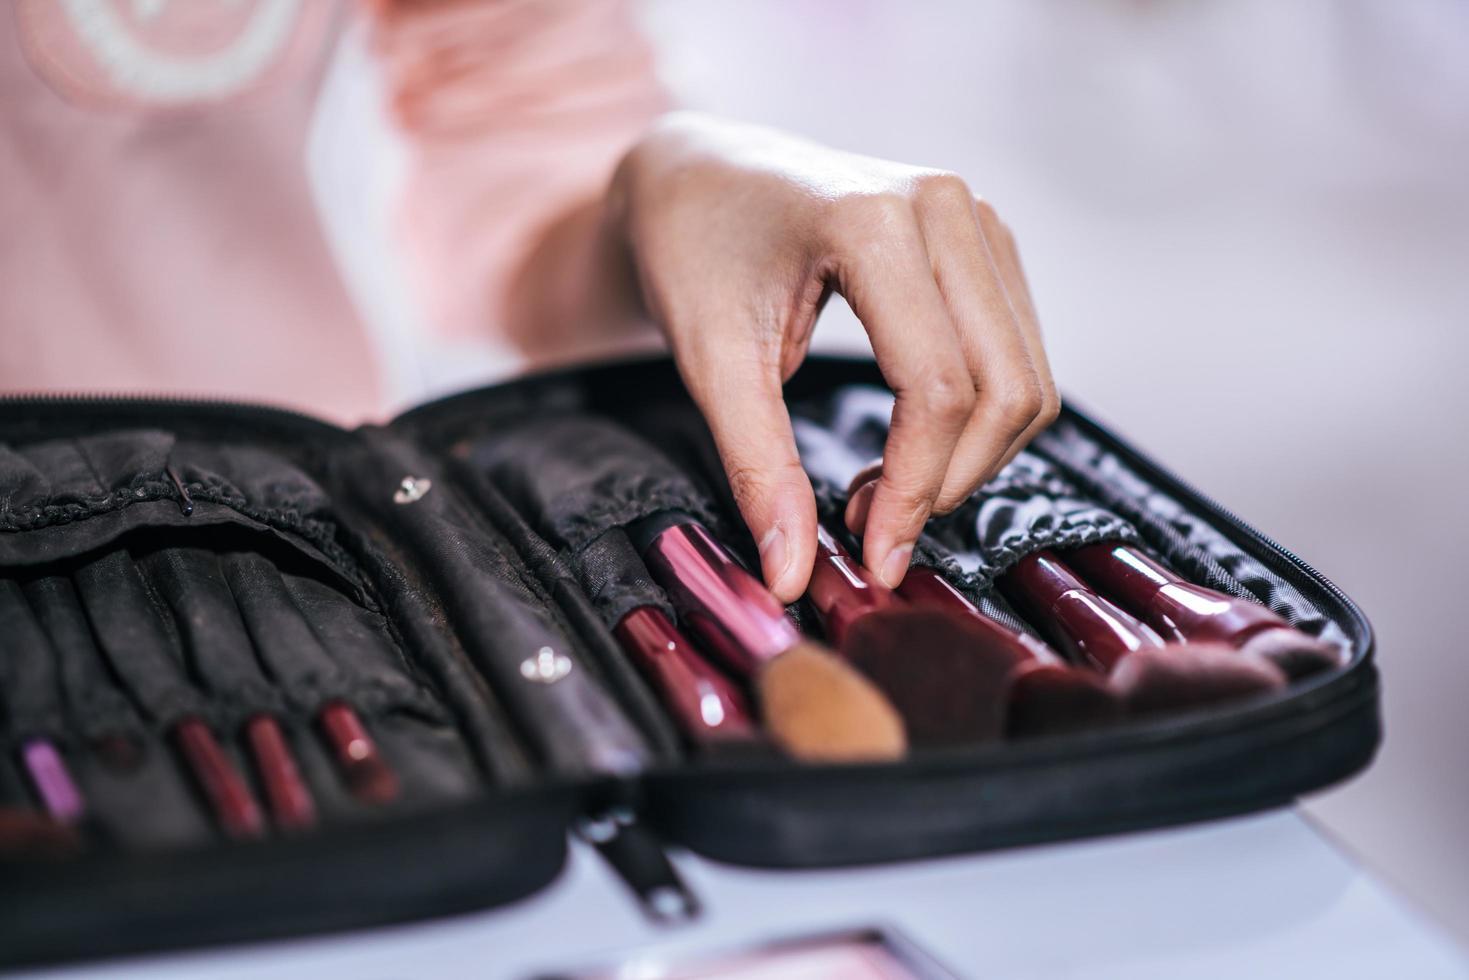 femme, maquillage, à, pinceau, et, cosmétiques photo